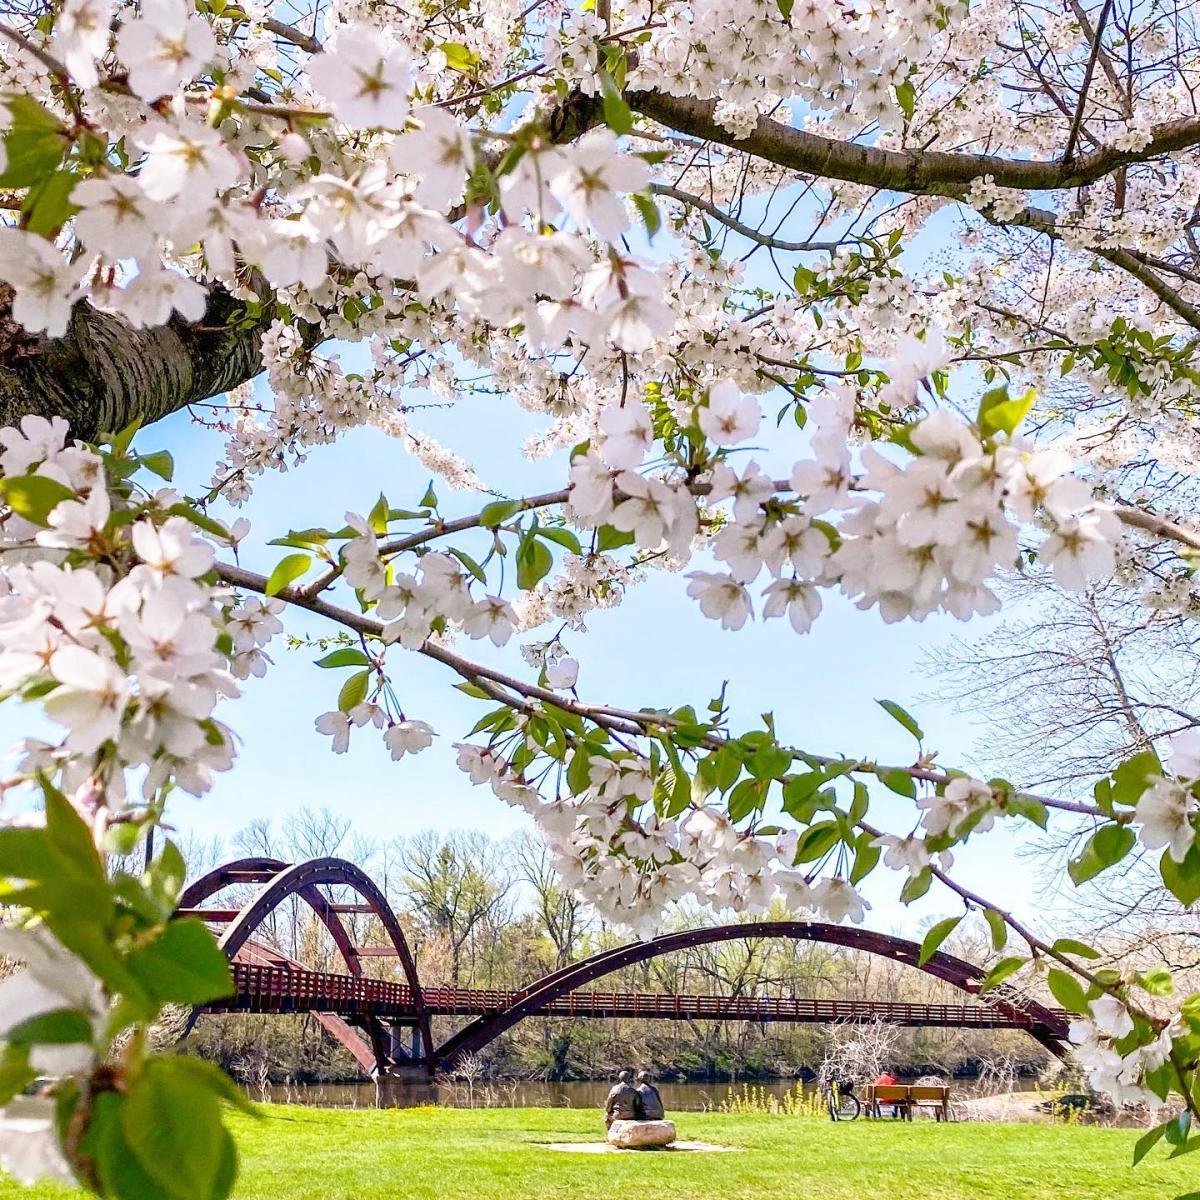 美丽的春树花装裱着特里奇,一座位于米德兰的三条腿的人行天桥